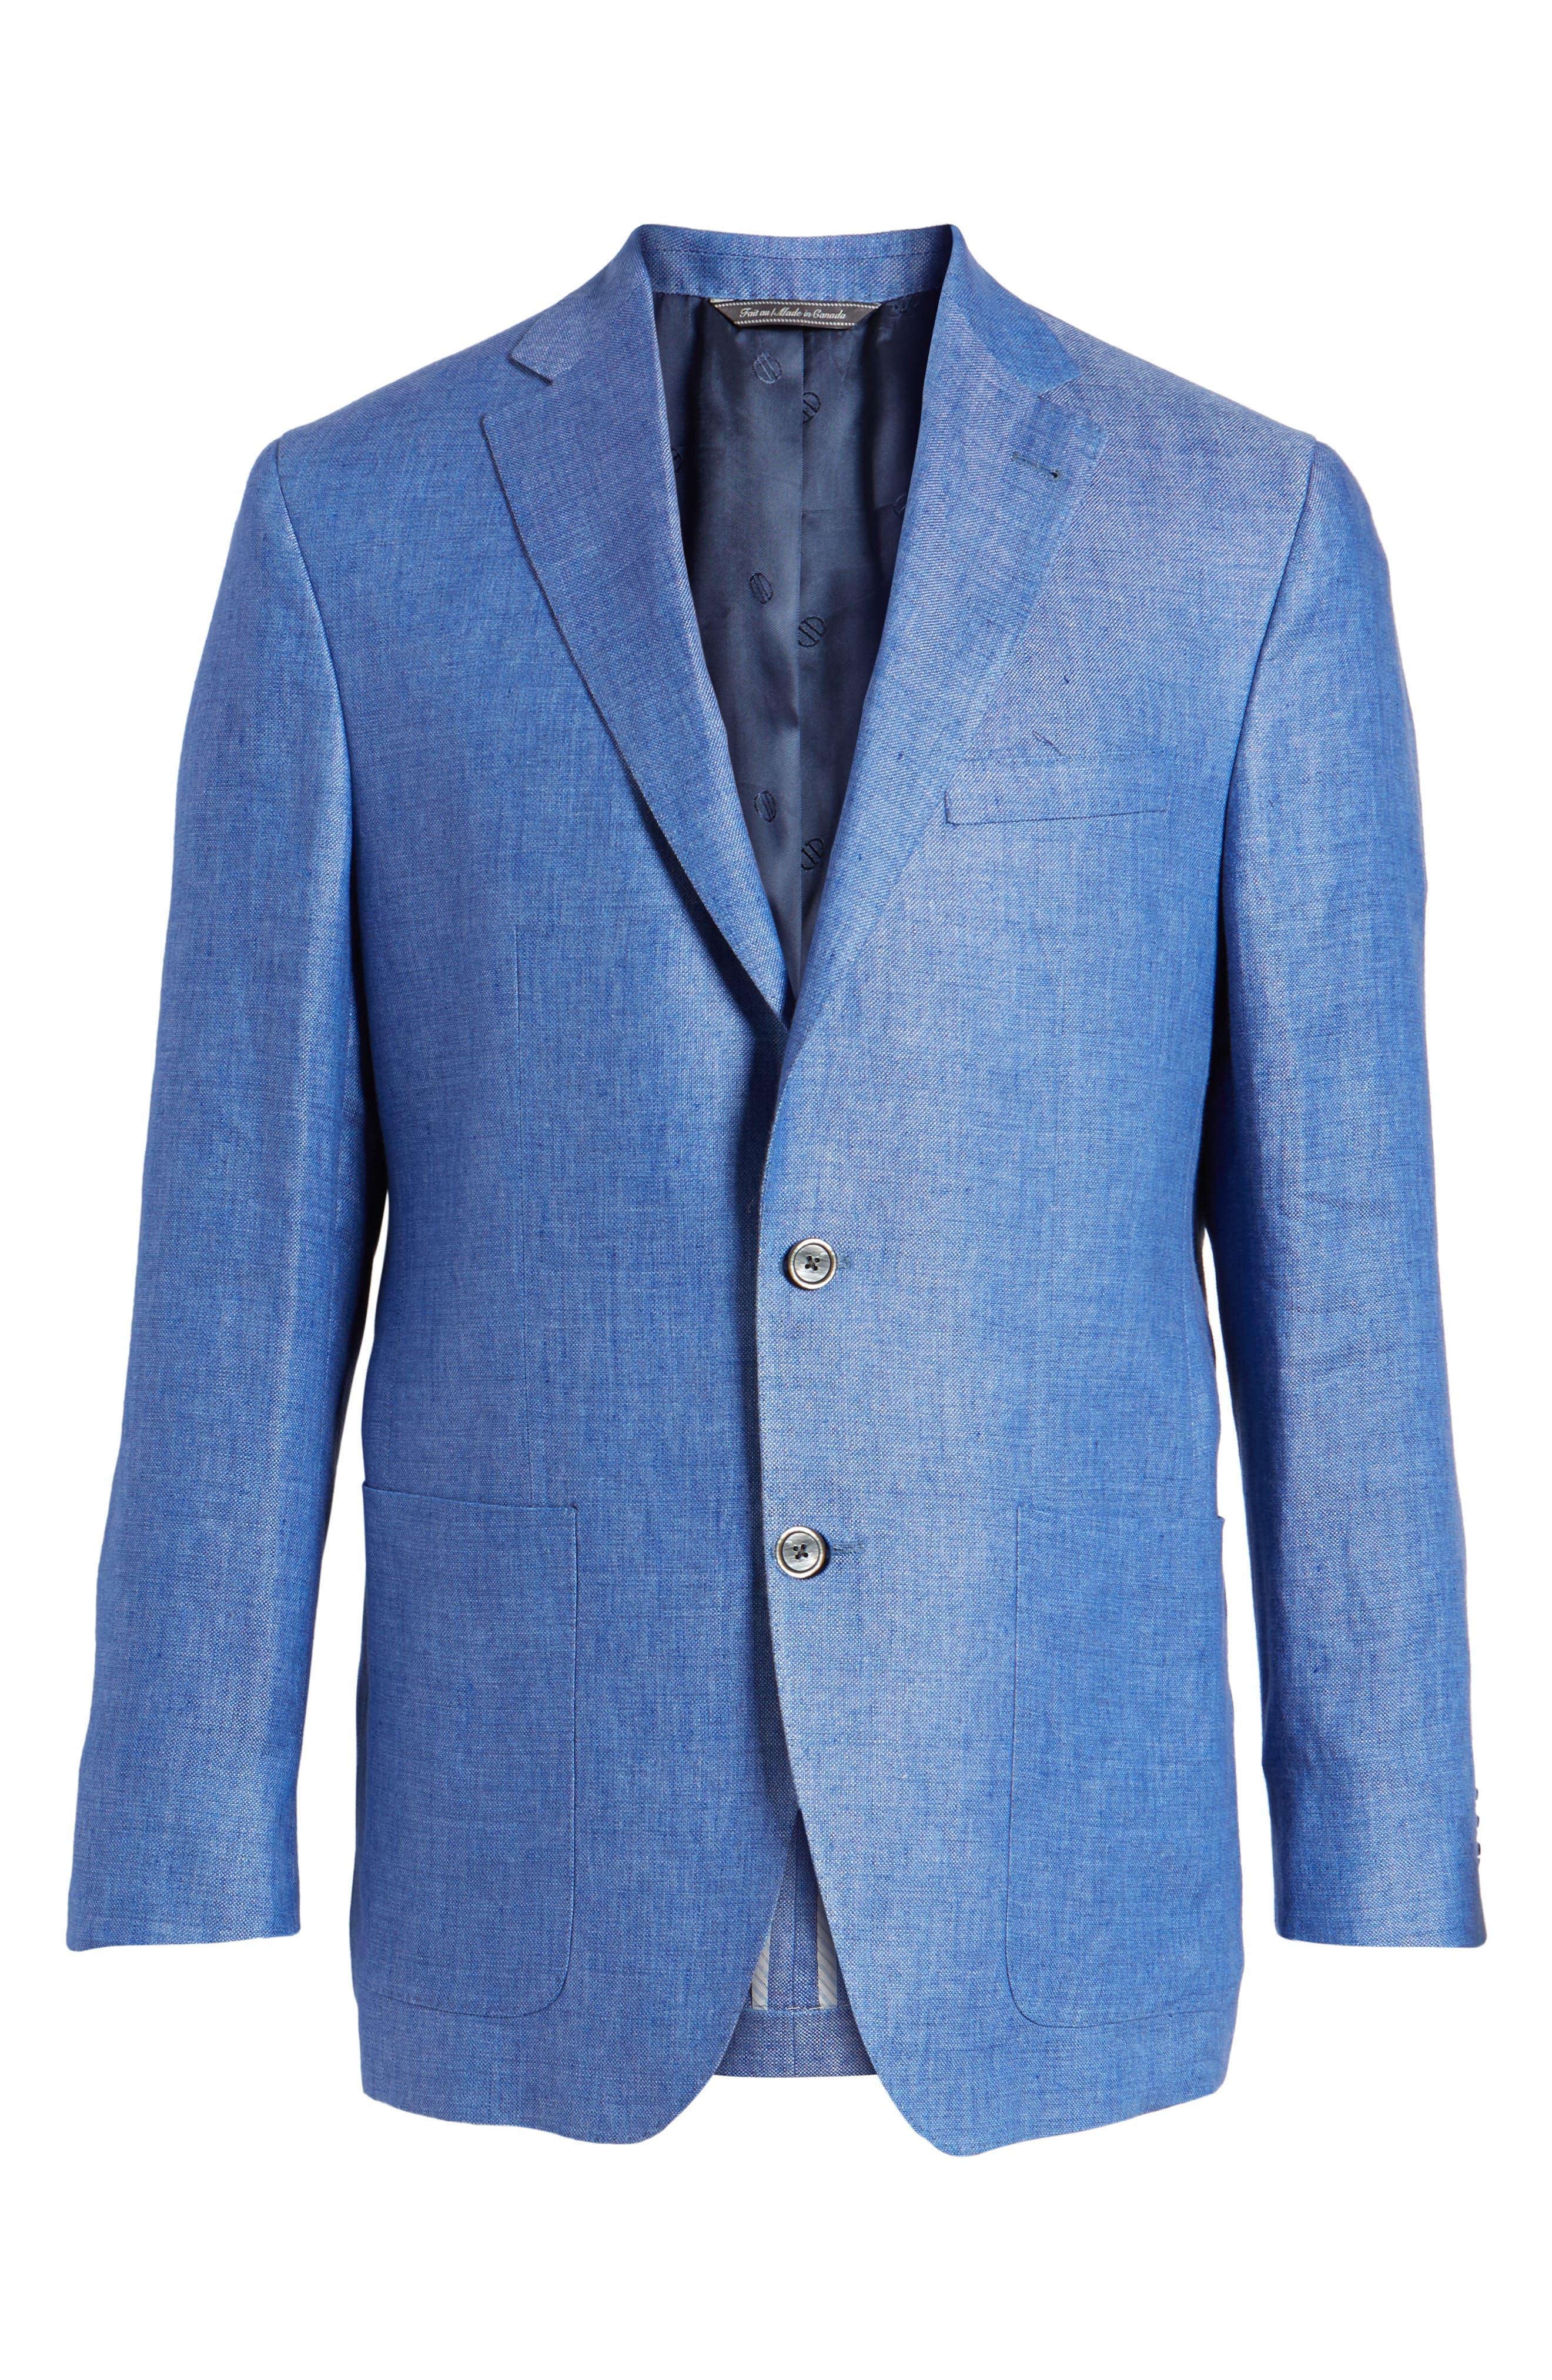 Aiden Classic Fit Linen Blazer,                             Alternate thumbnail 5, color,                             400